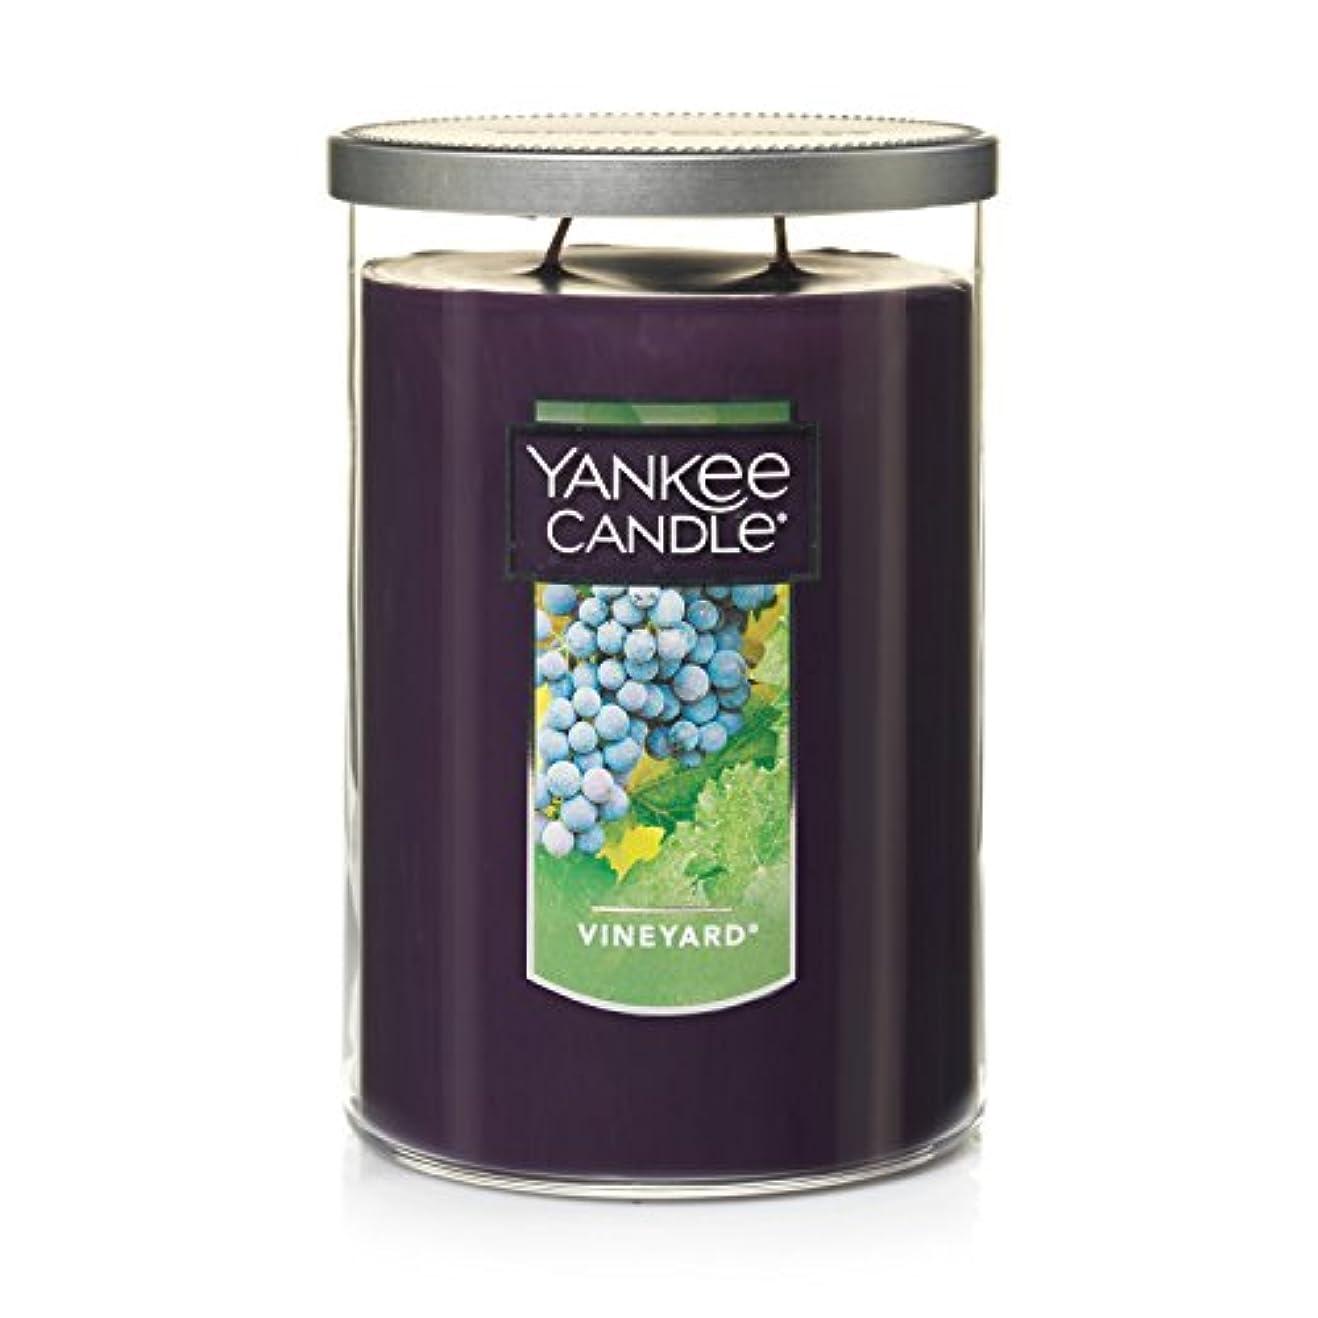 つかいますフィドル誰もYankee Candle Vineyard、フルーツ香り Large Tumbler Candles パープル 1184177Z